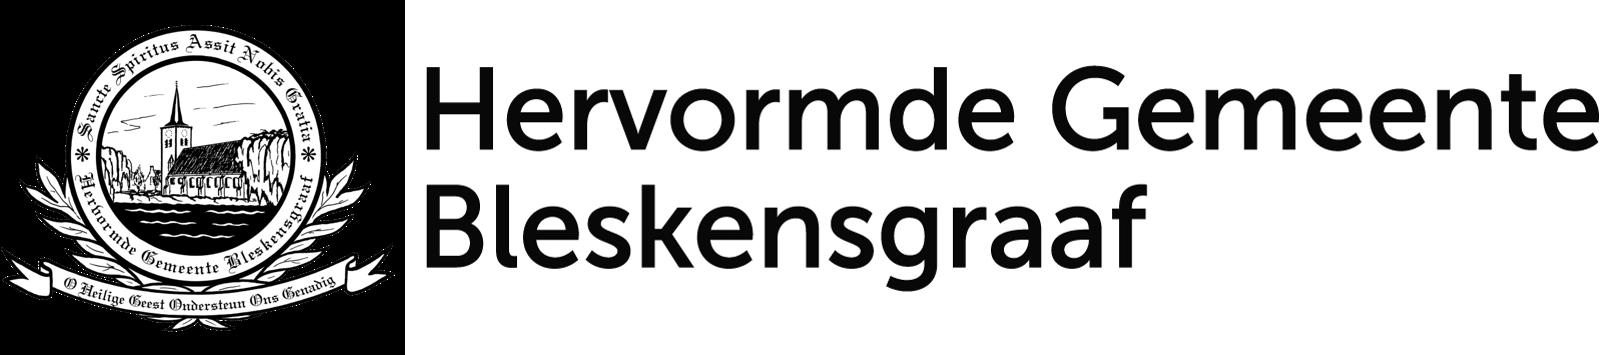 Hervormde Gemeente Bleskensgraaf